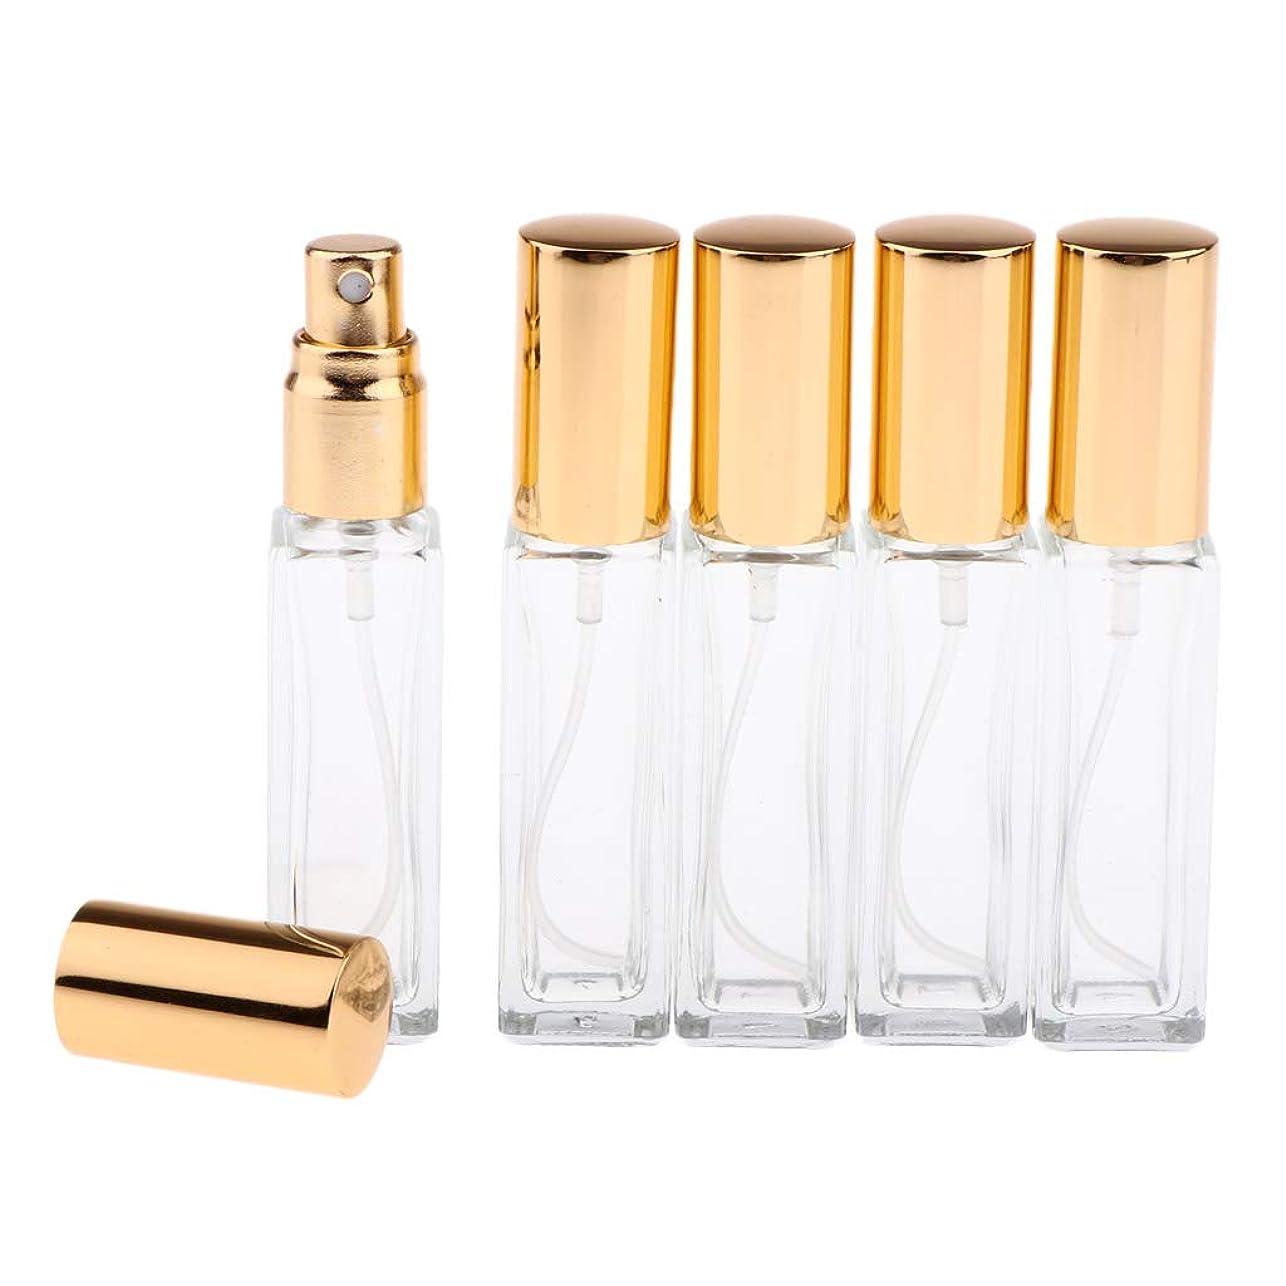 暖かさライン代替Perfeclan 香水アトマイザー スプレーボトル 空のボトル ポンプボトル ファインミストスプレーボトル 6カラー 5個 - 金色キャップ